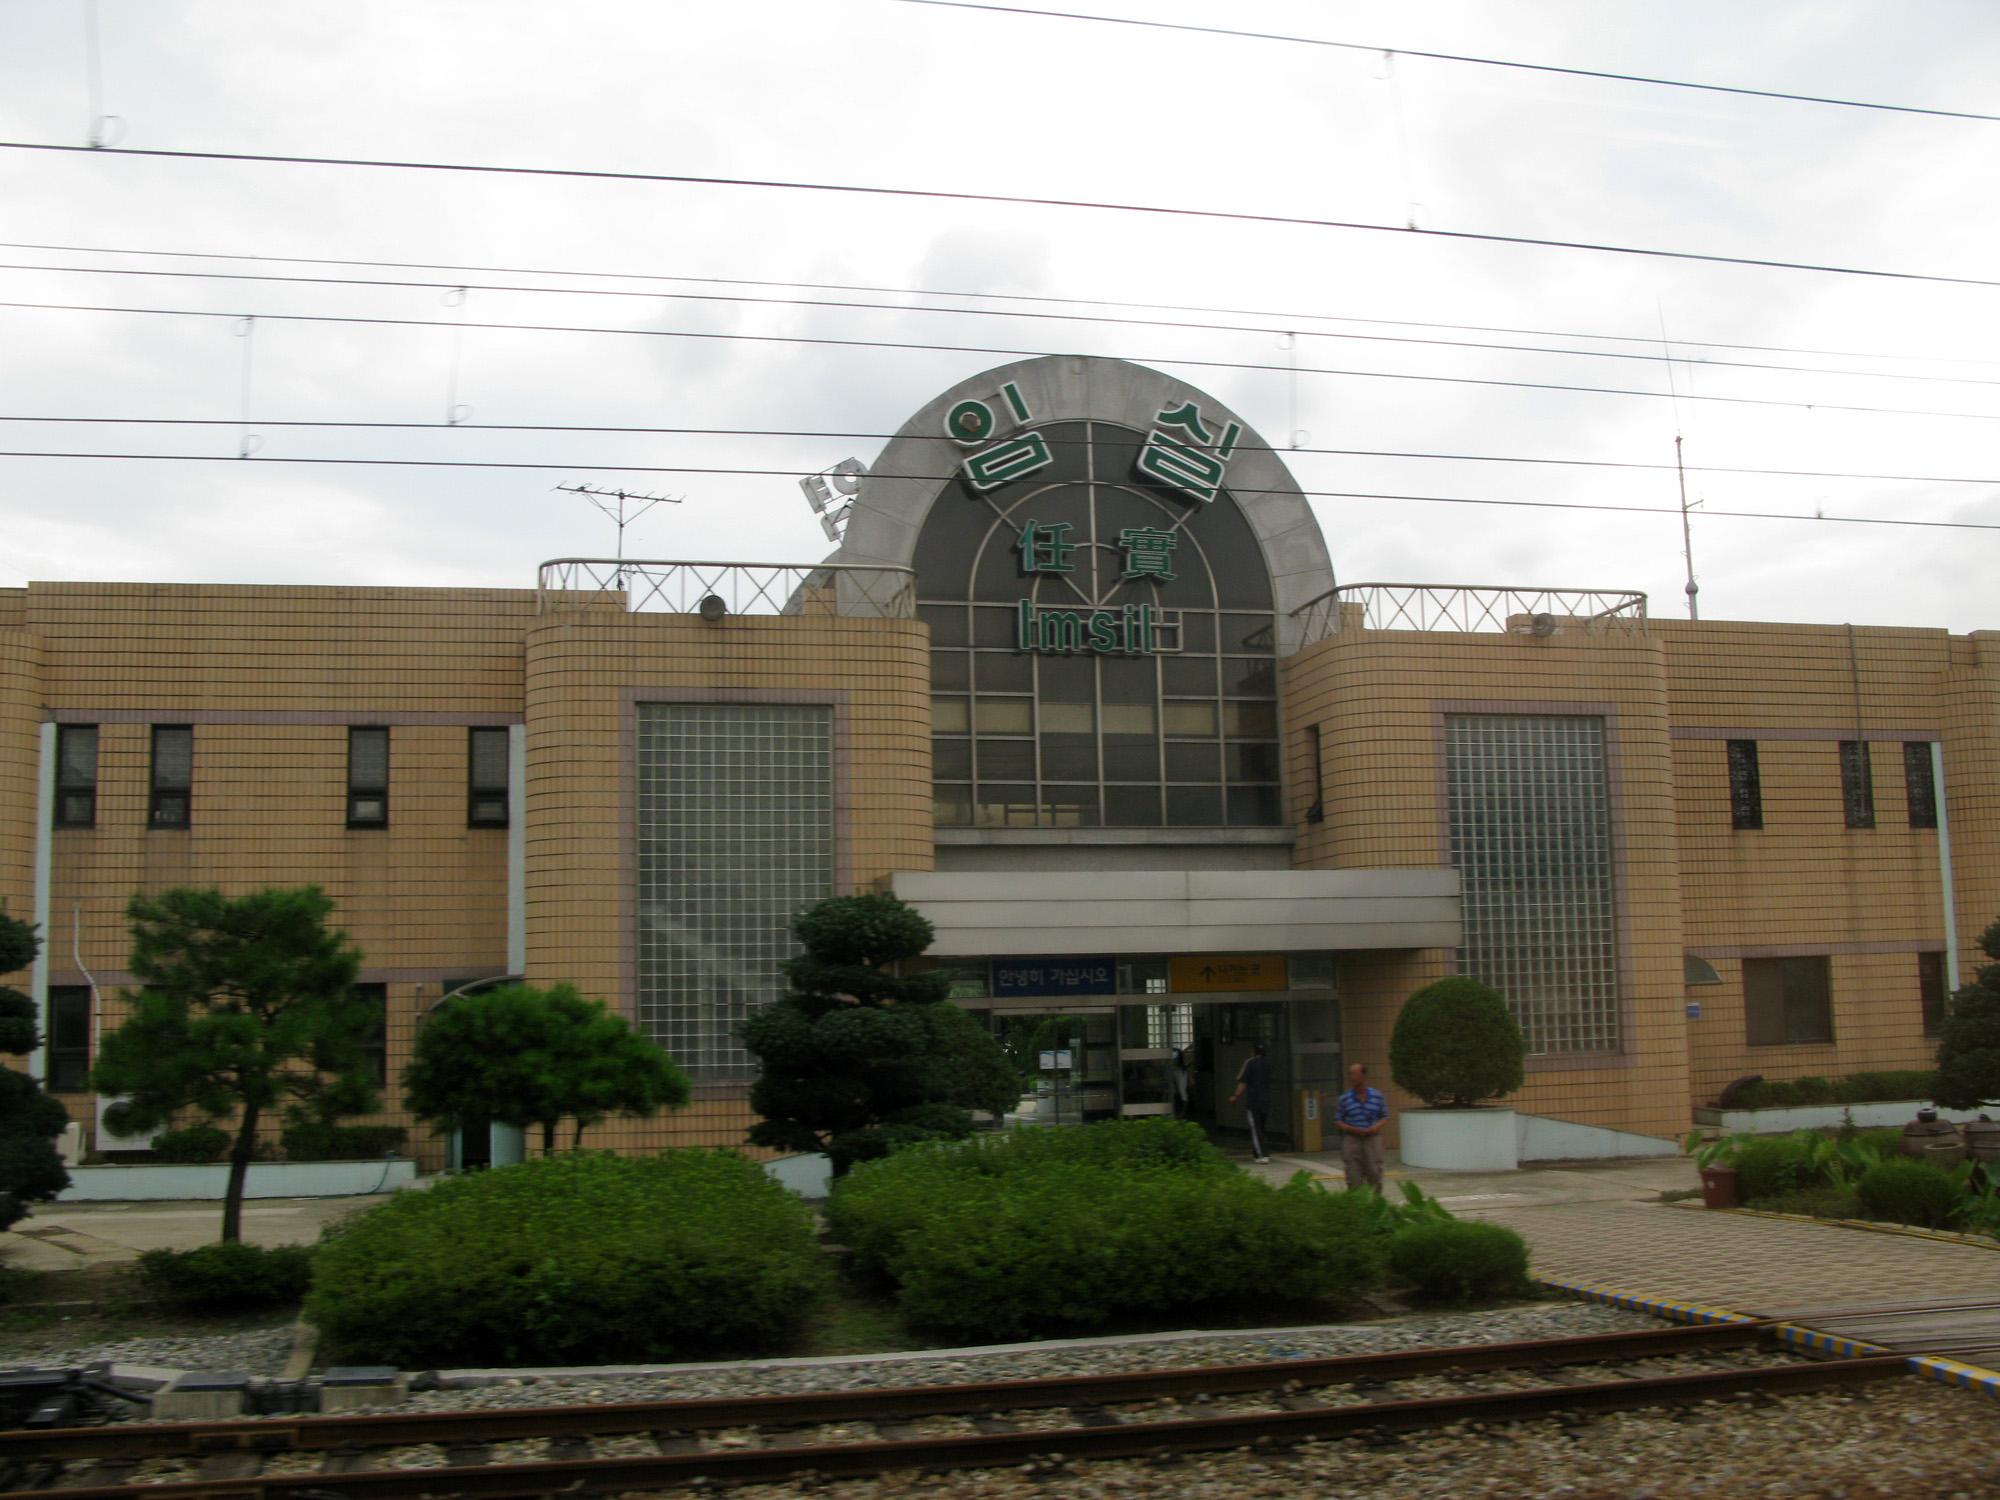 Korail Jeolla Line Imsil Station Rearside.jpg